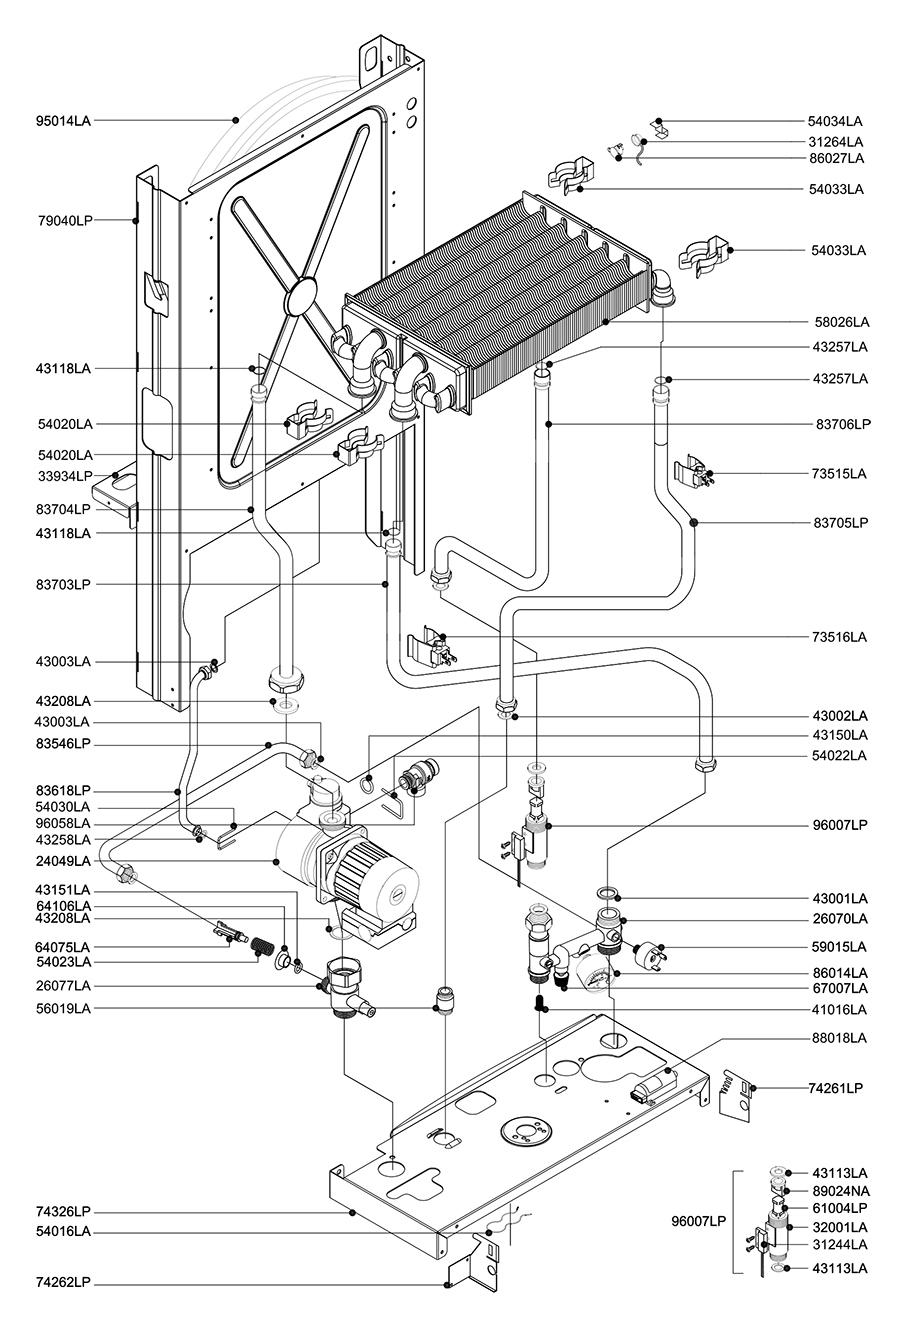 Гидравлическая часть котла Альфа-Калор АОГВ 24 ОП 2007 гв